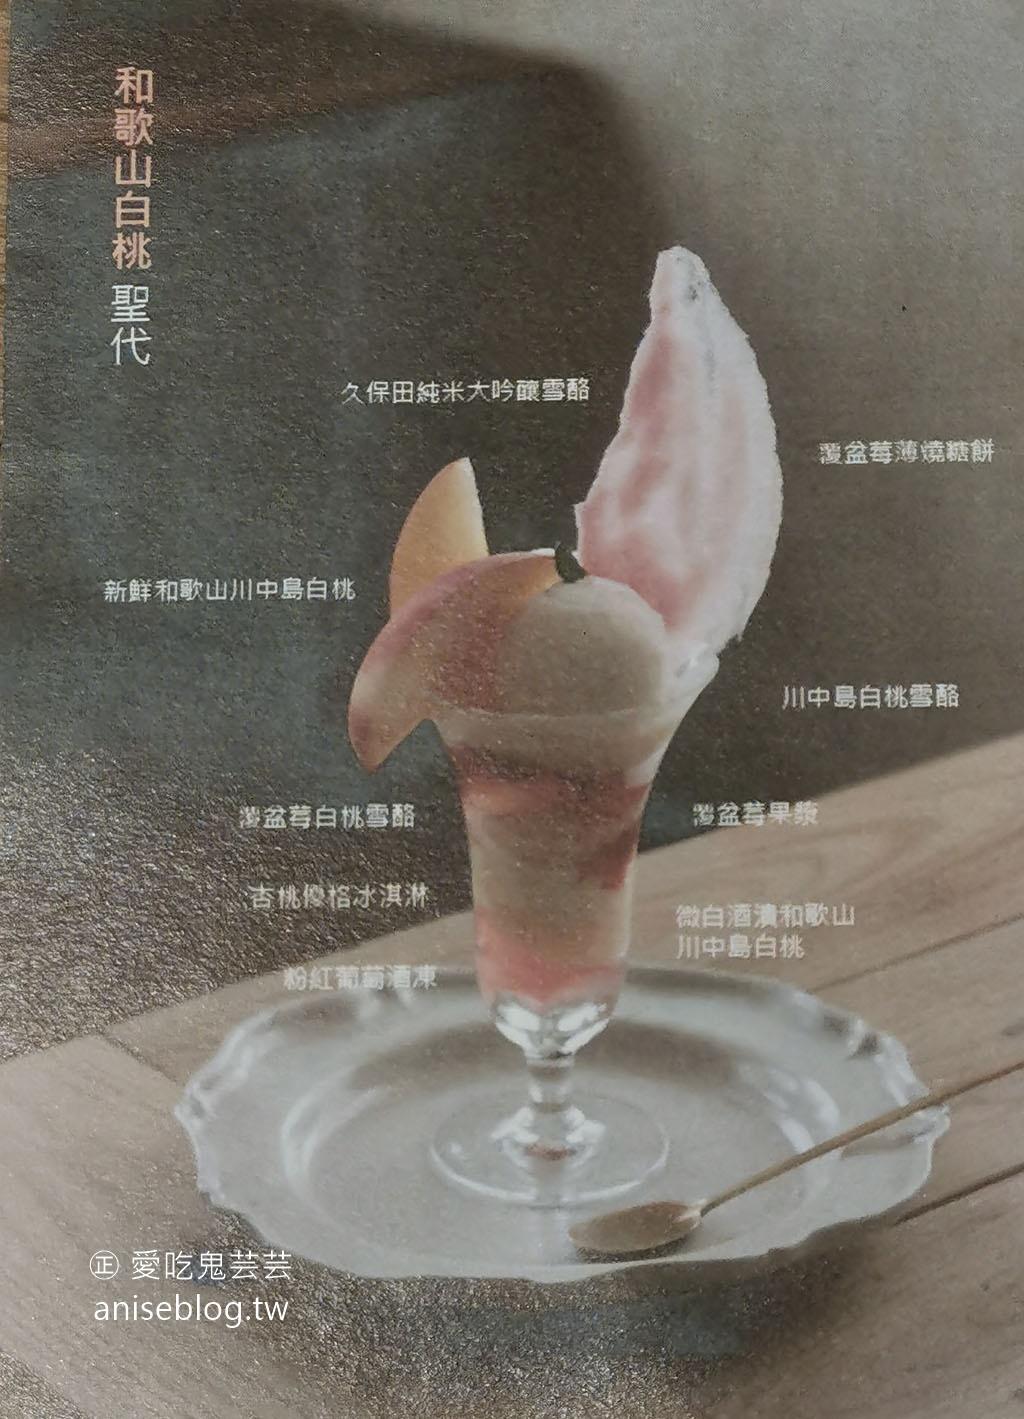 時常在這裡,台北神秘甜點店,預約制熟客ONLY